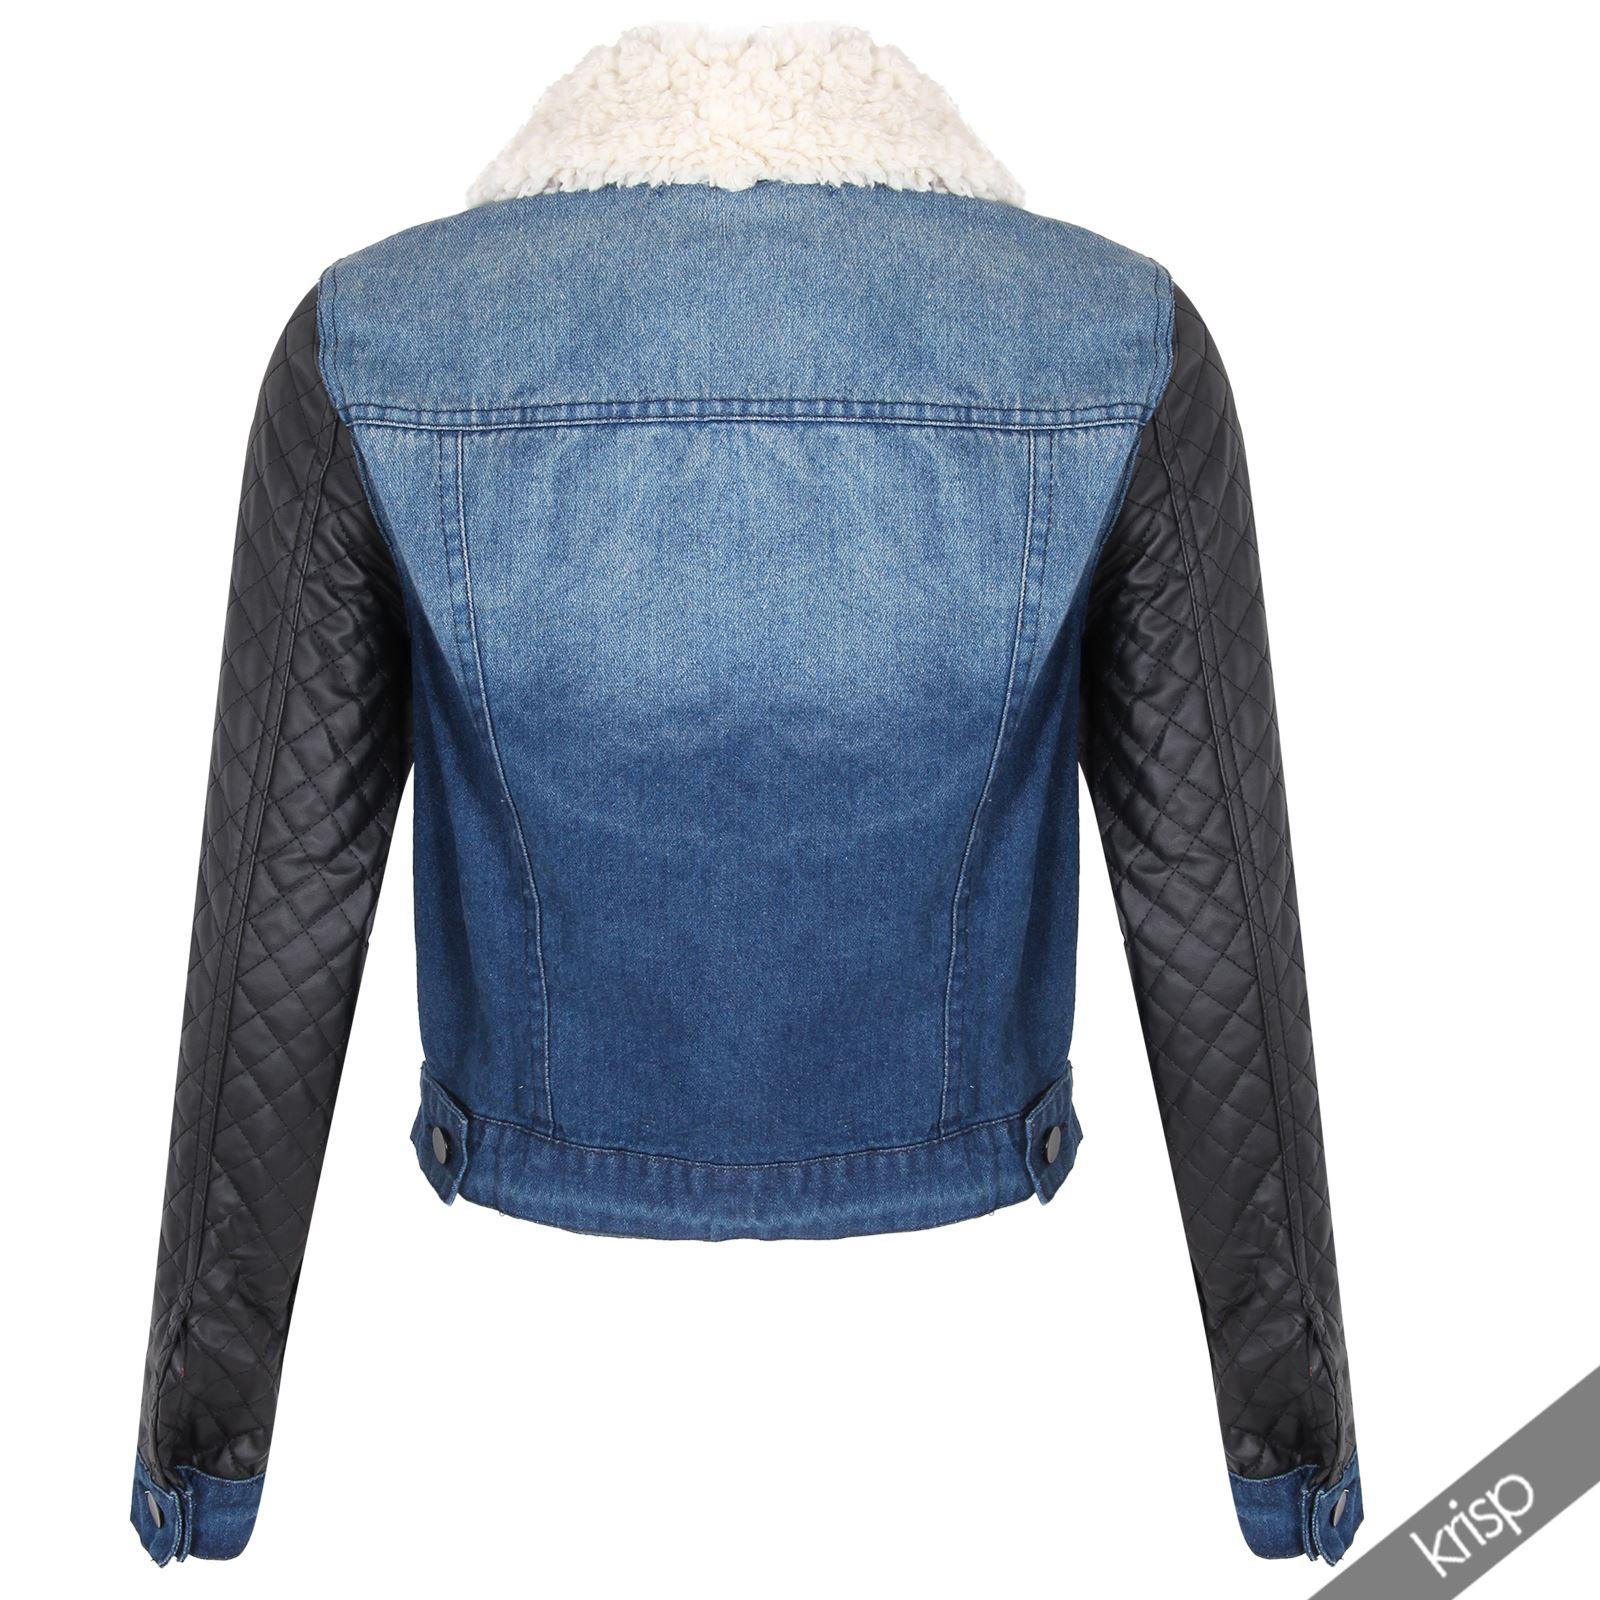 krisp ladies jeans jacket denim jeans jacket biker jacket. Black Bedroom Furniture Sets. Home Design Ideas